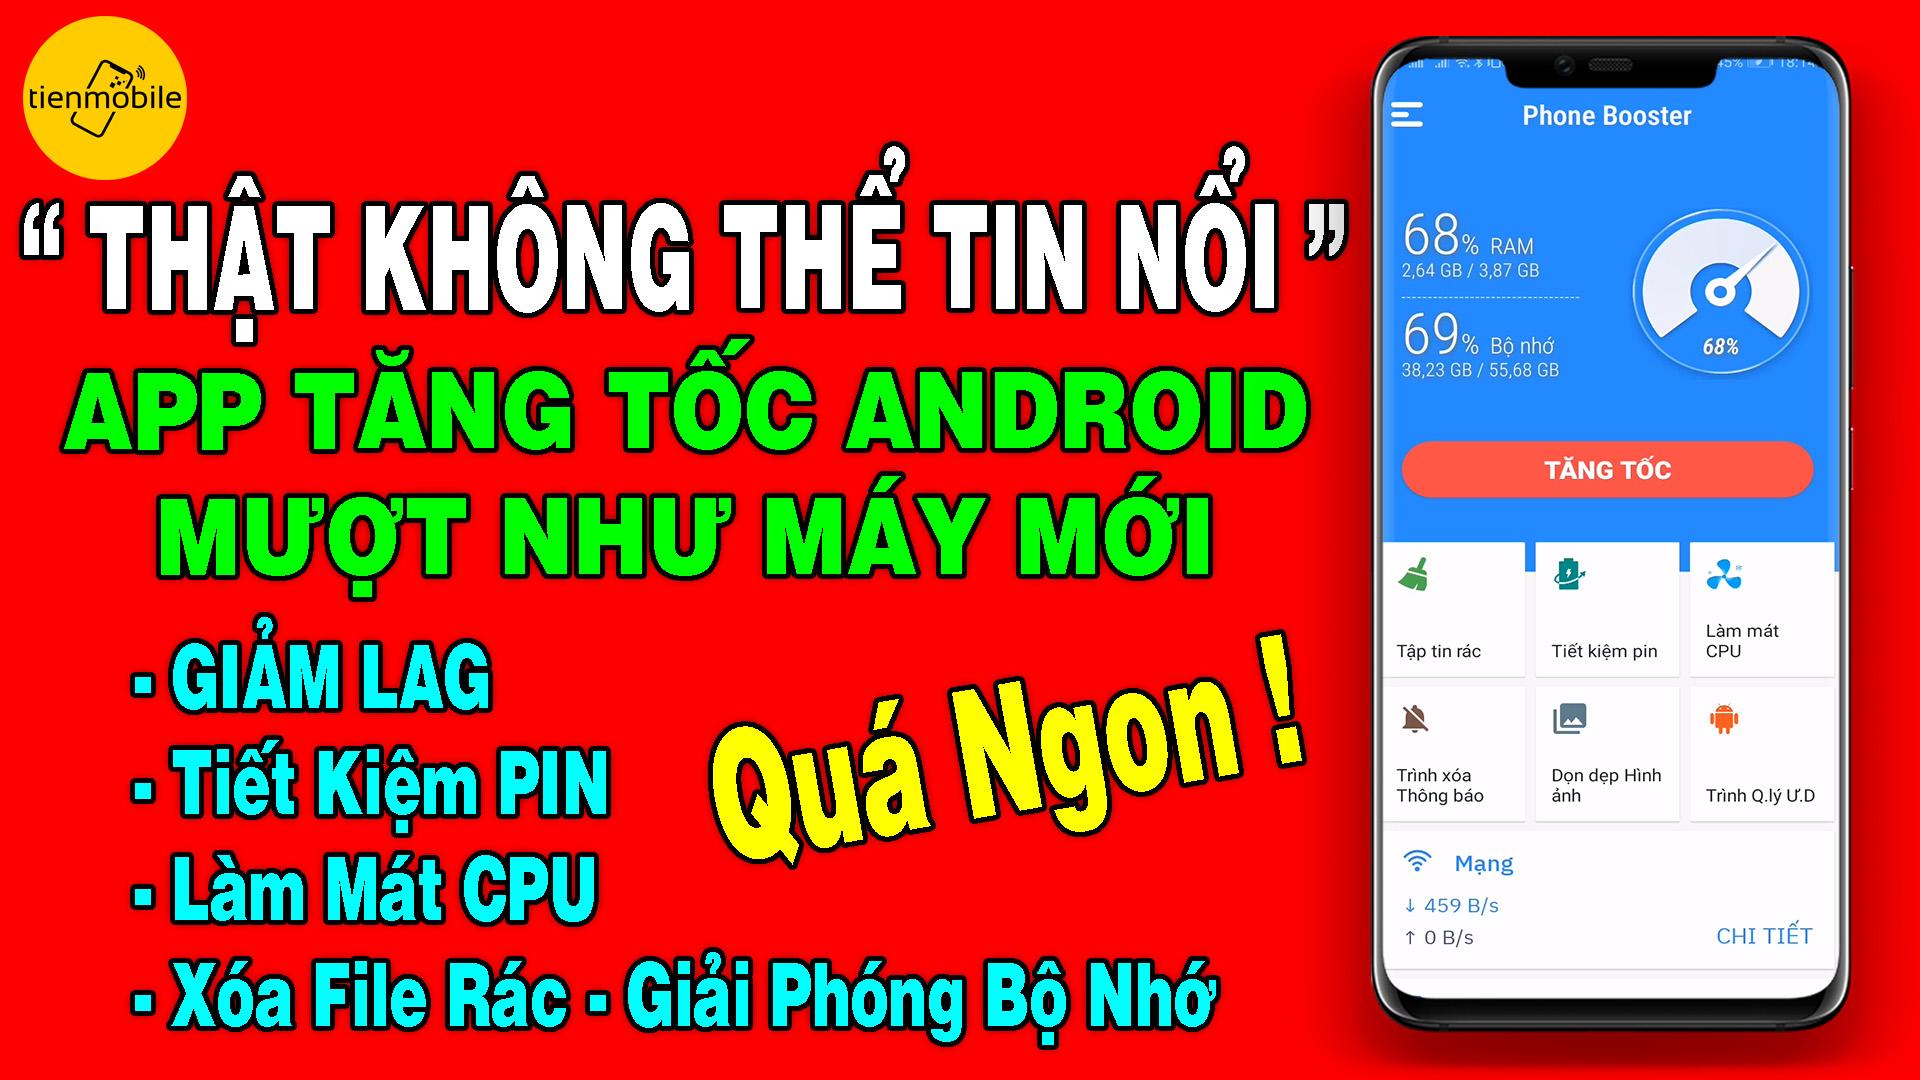 Cách Tăng Tốc Android Mượt Như Máy Mới Với App Xóa Rác & Giảm LAG Cực Ngon Cho Android 2019